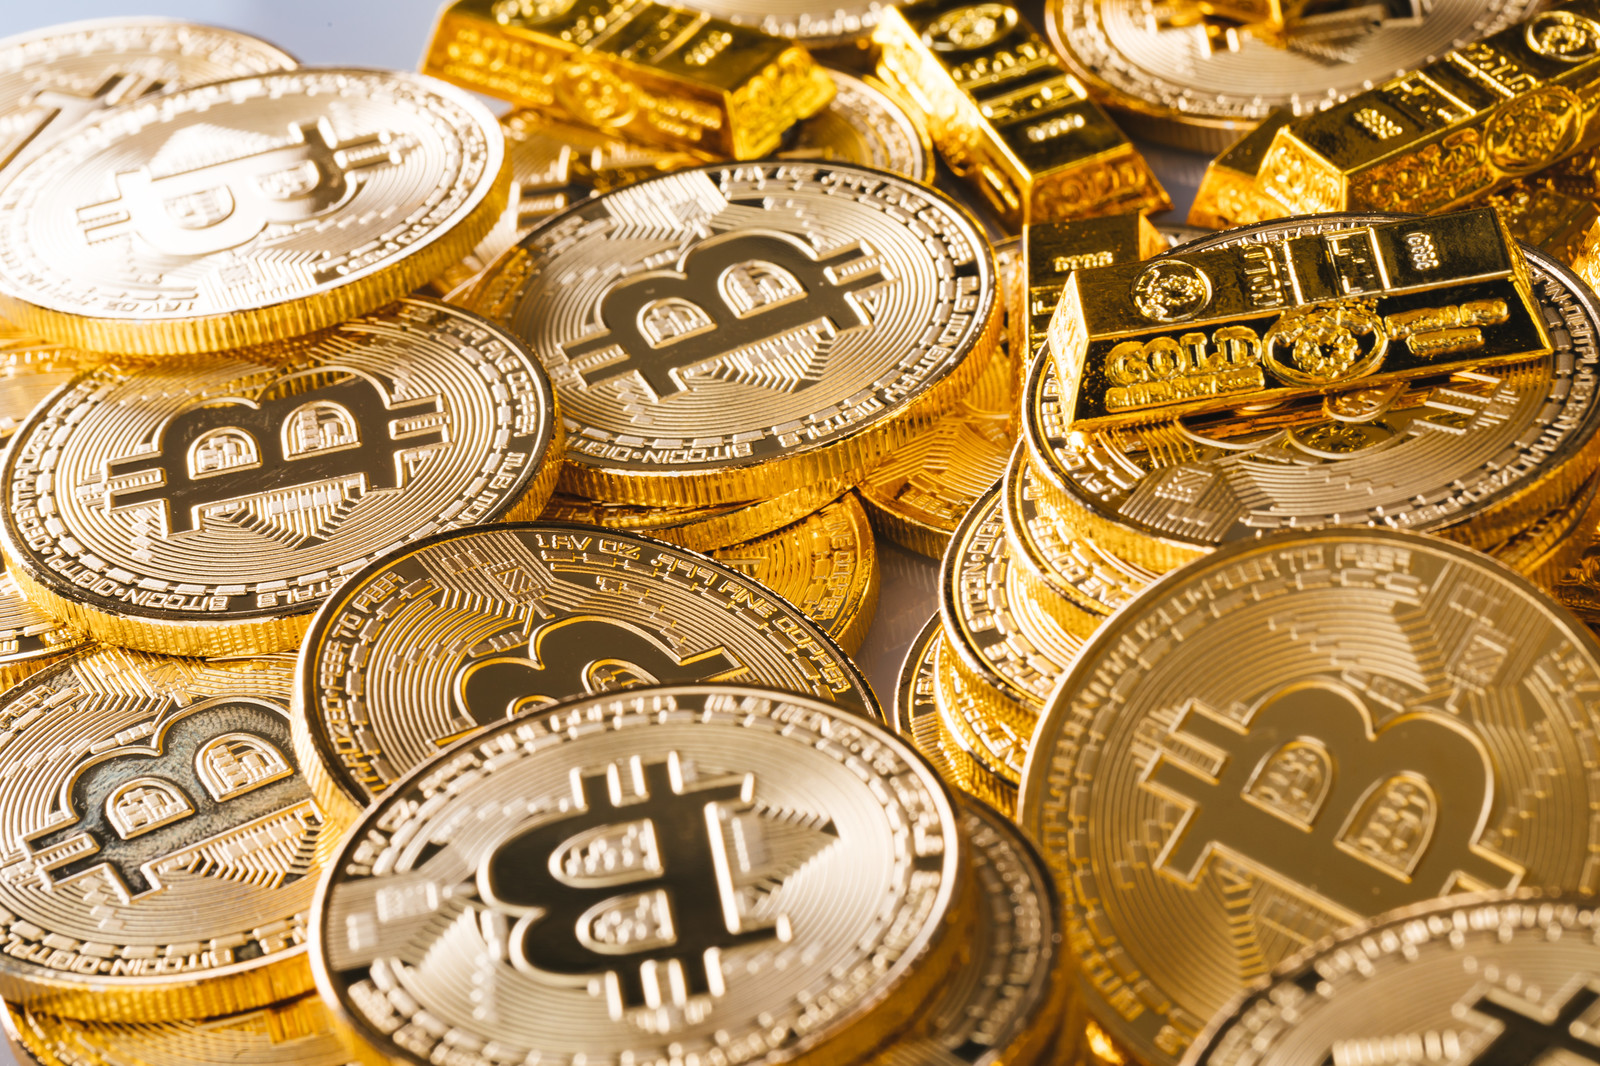 Bitcoin pakutaso